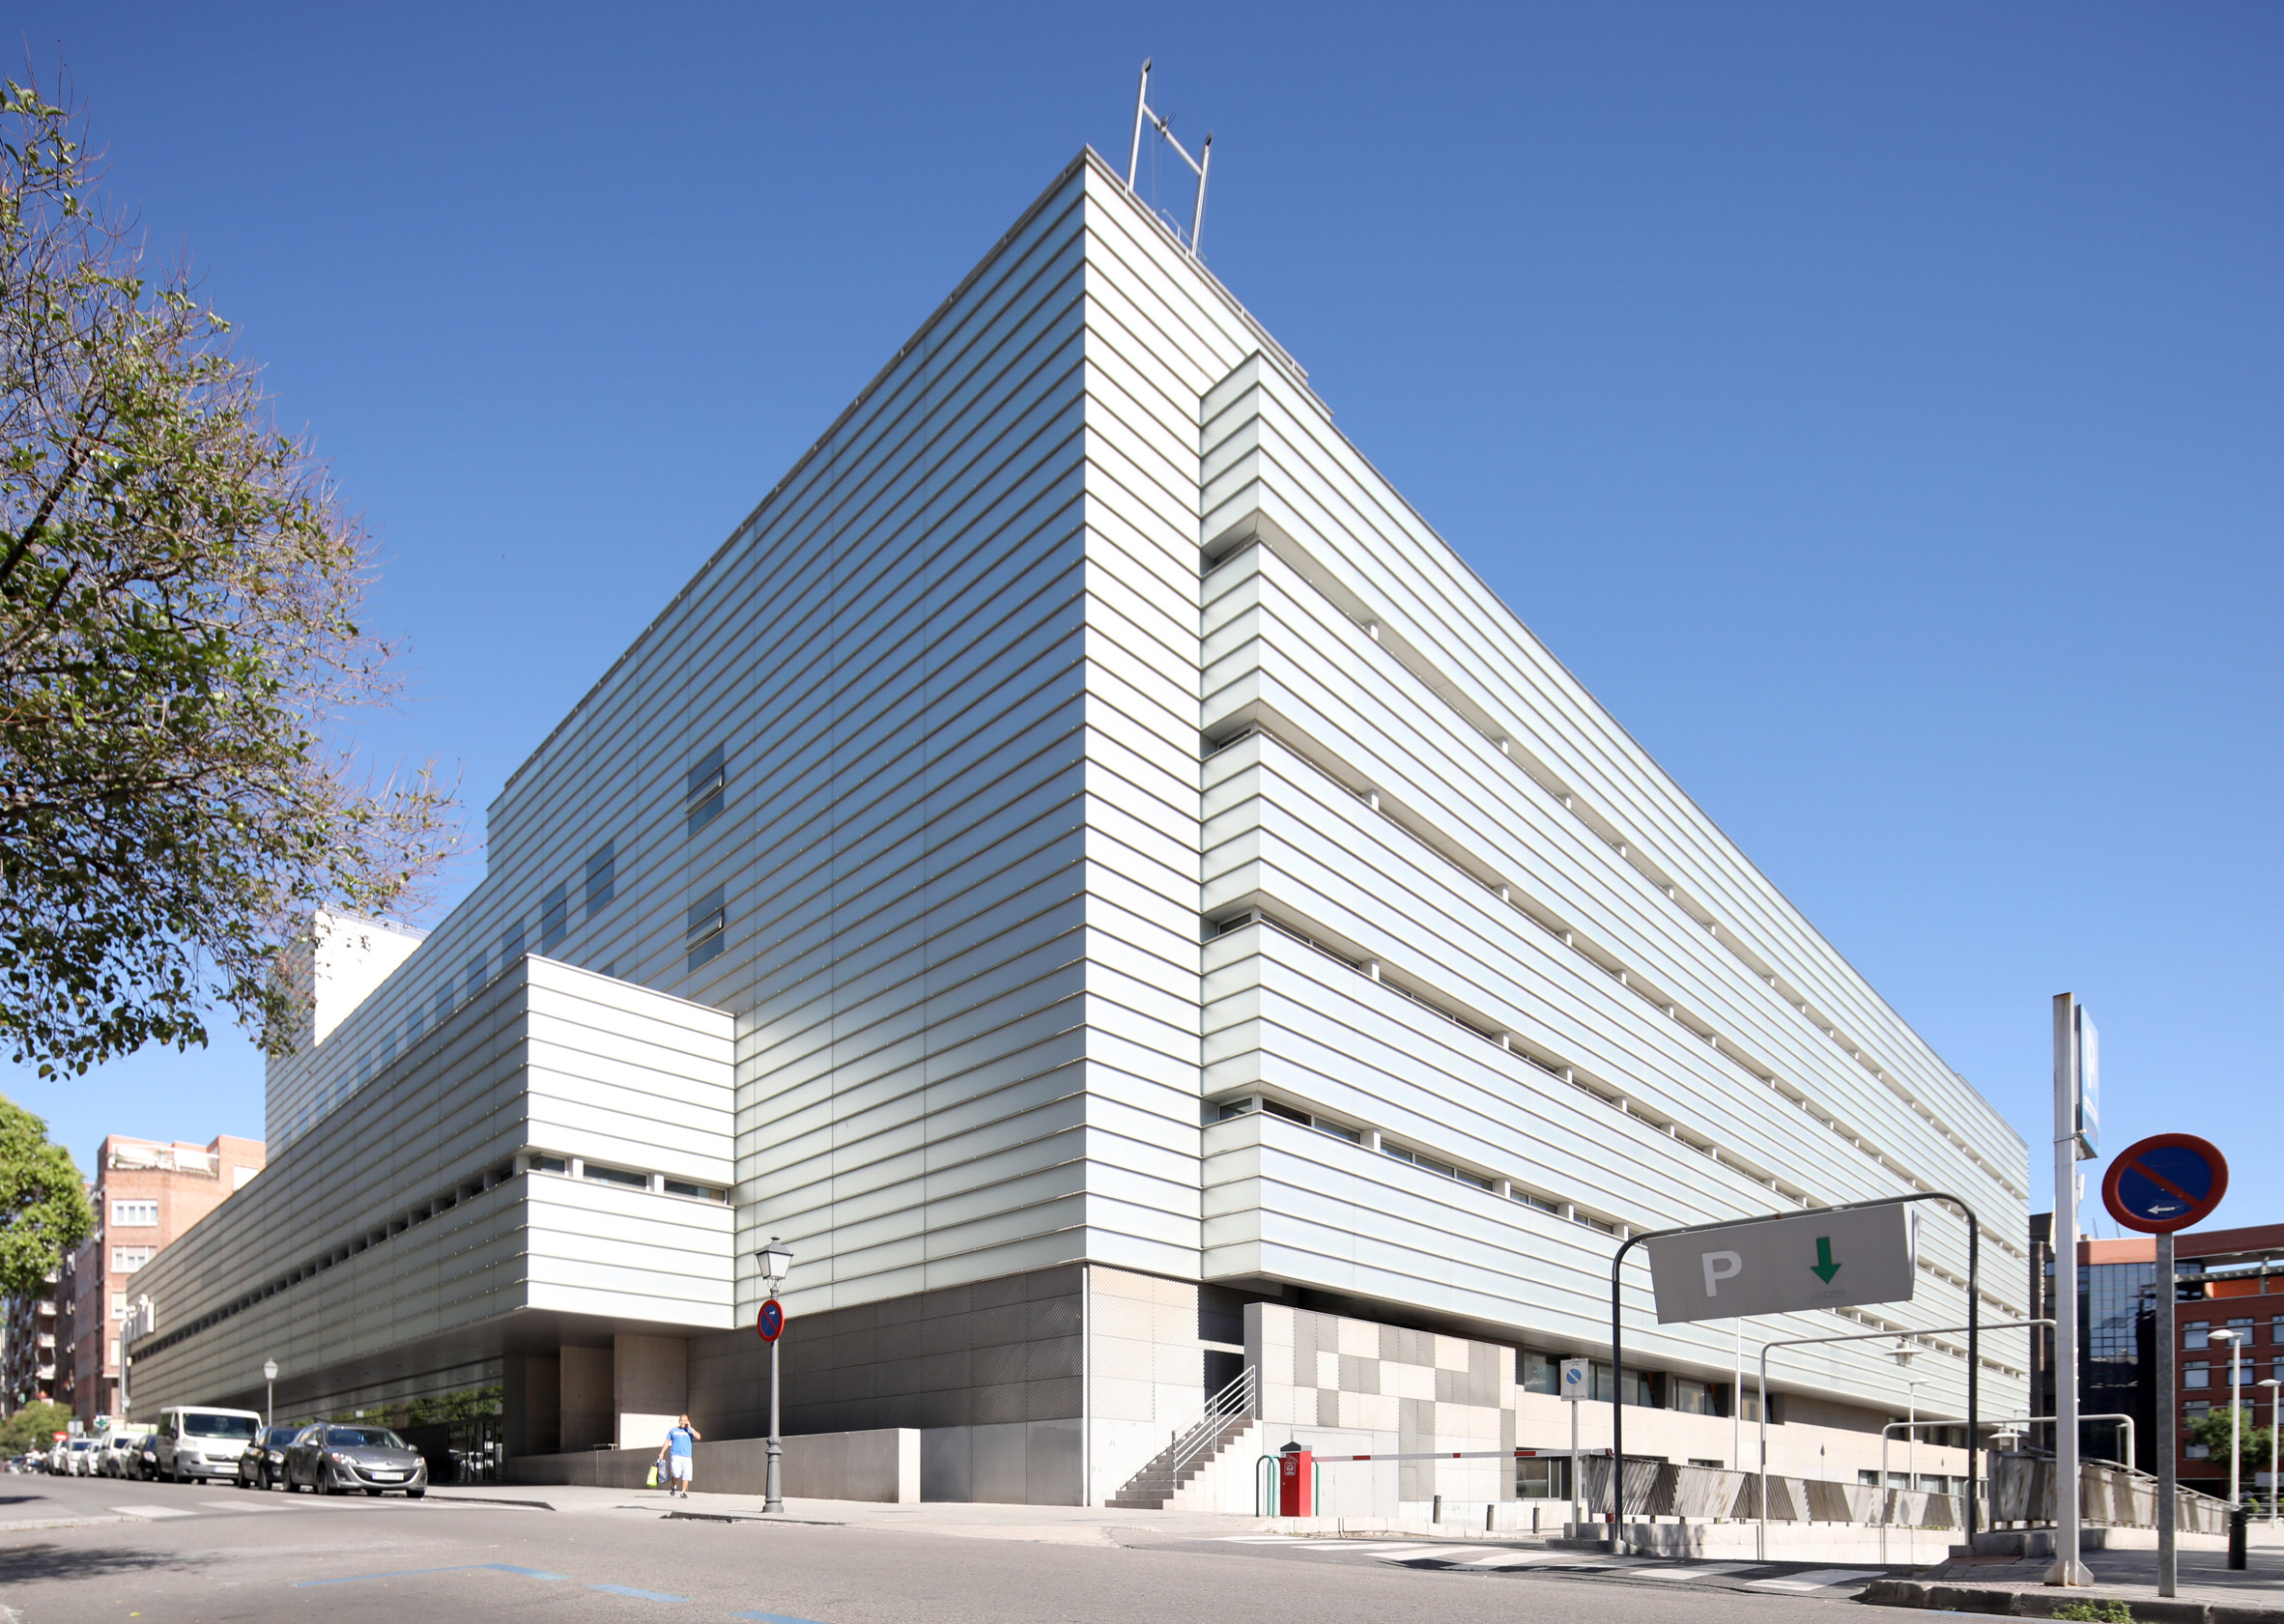 Dezeen roundup: Six of Rafael Moneo's best buildings